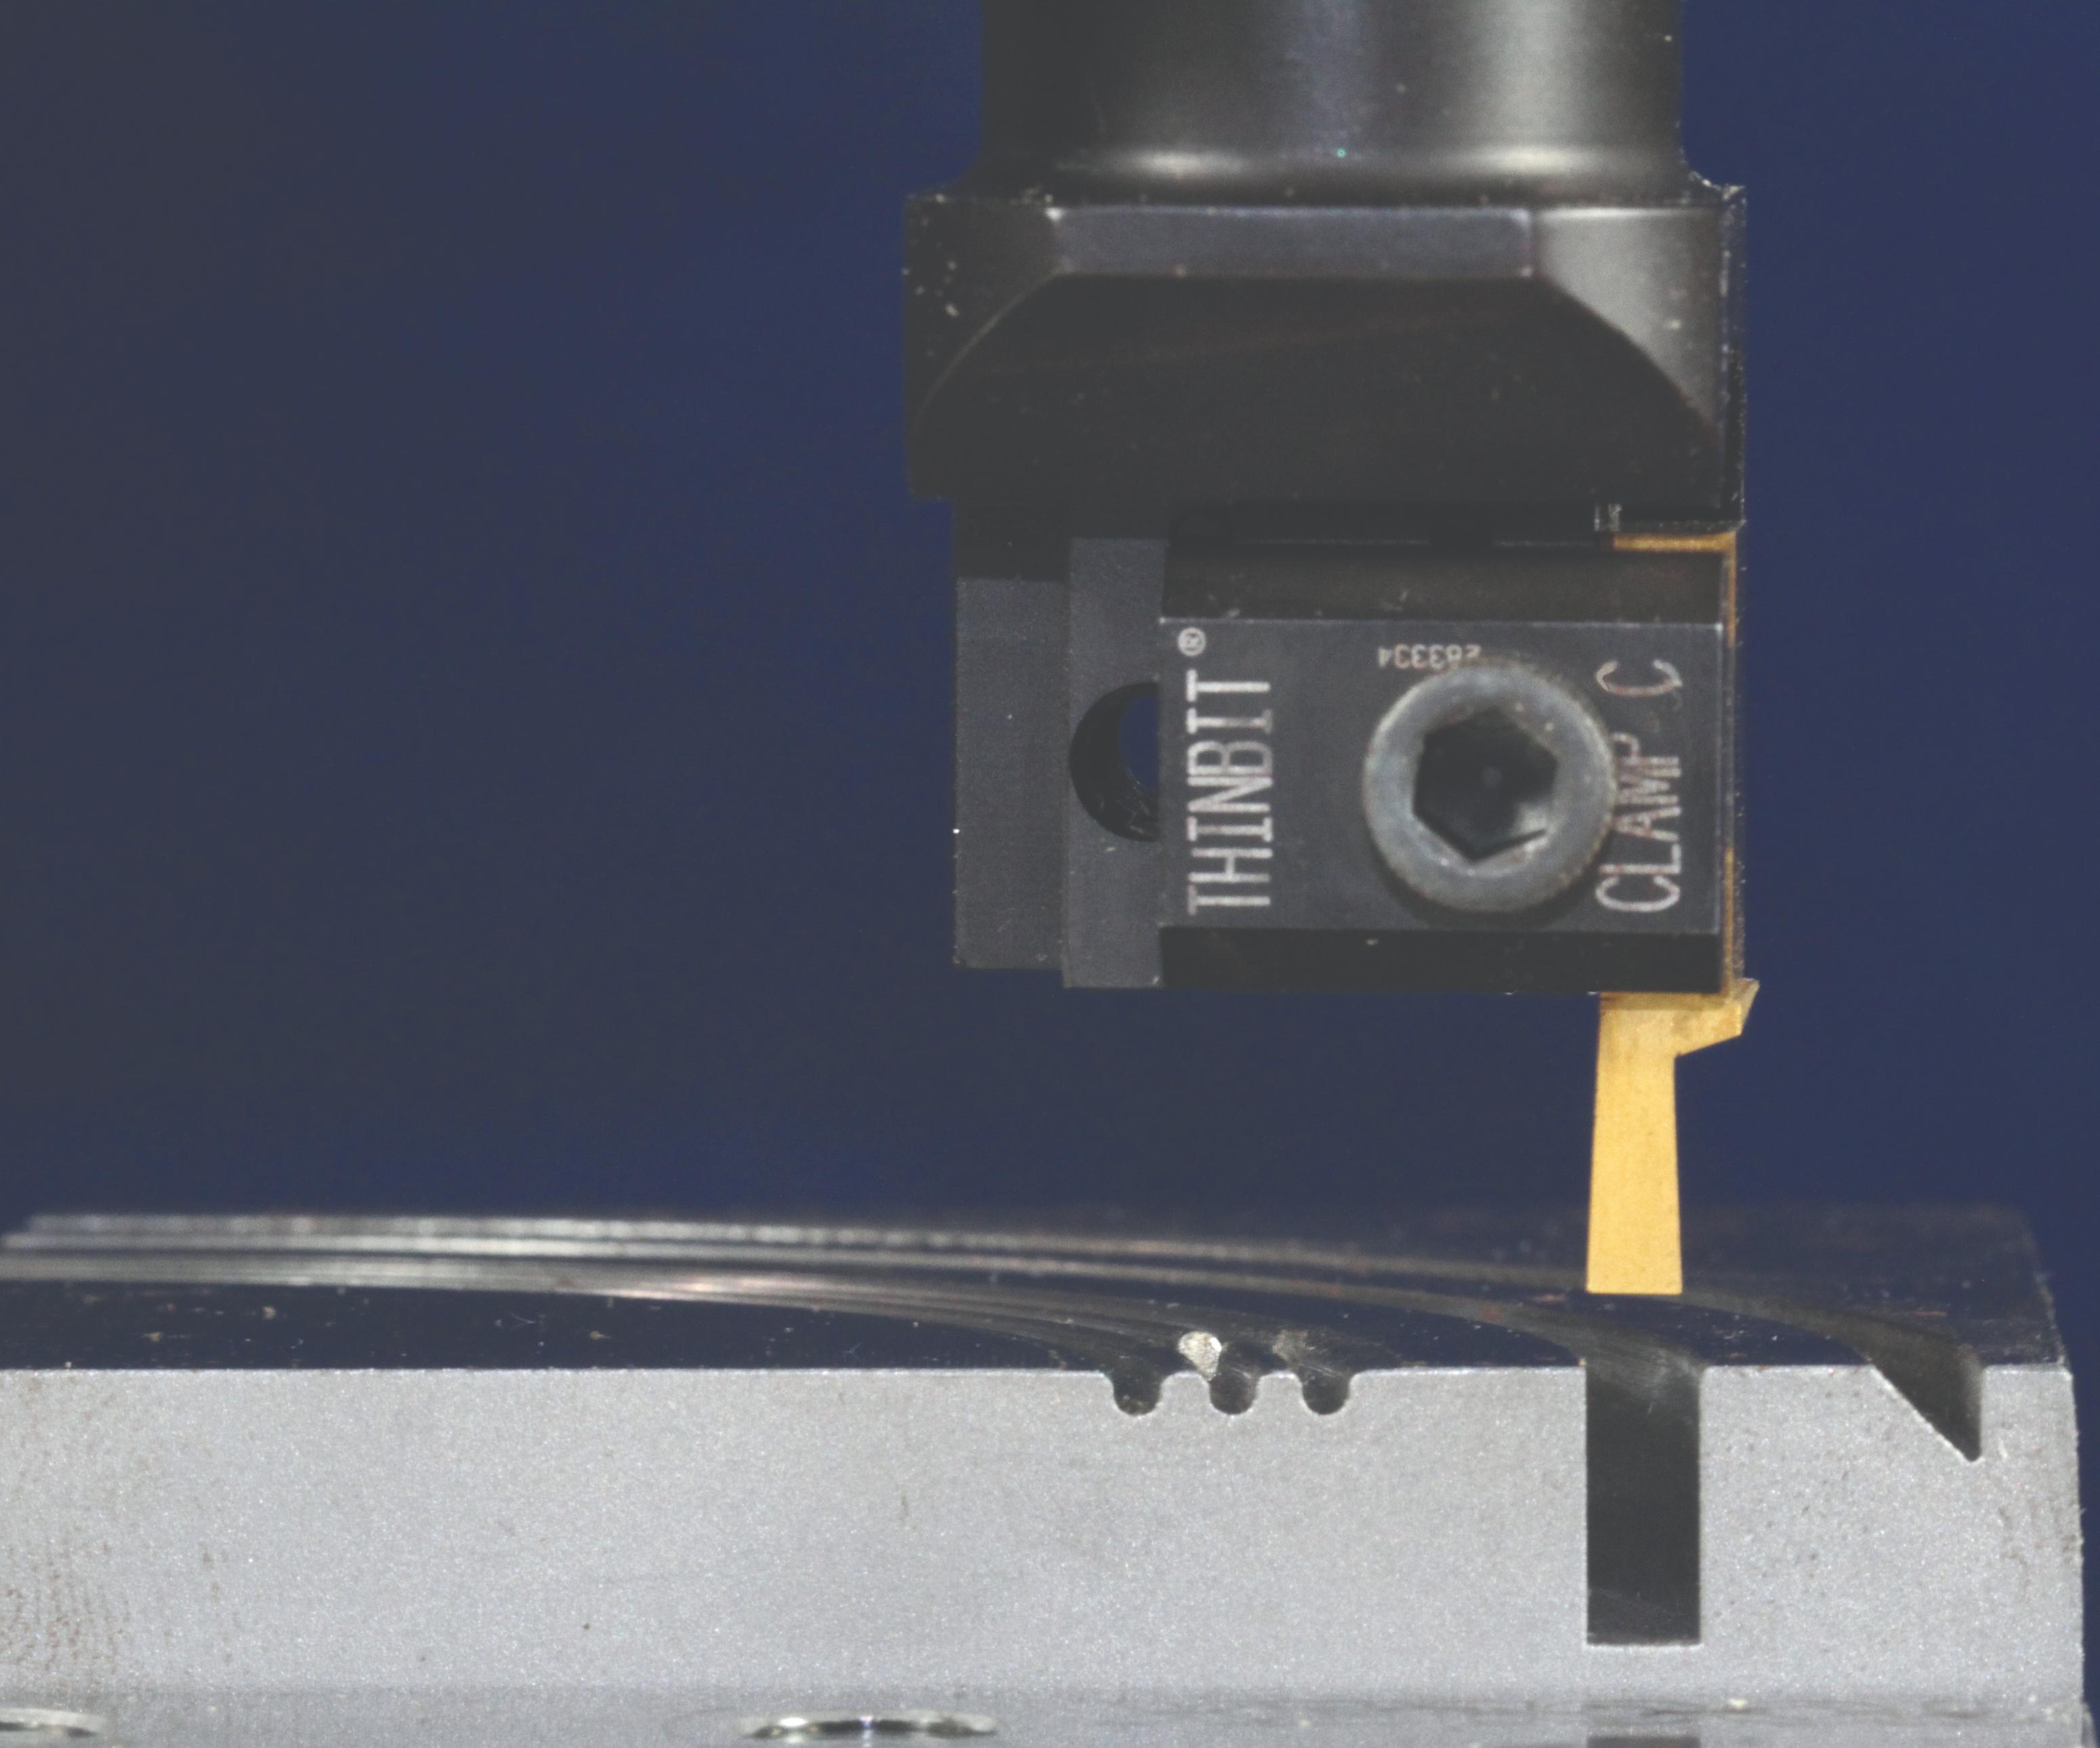 Como alternativa a los end mill, esta herramienta de trepanado también puede producir ranuras frontales simétricas y asimétricas, y realizar cortes de pasada.